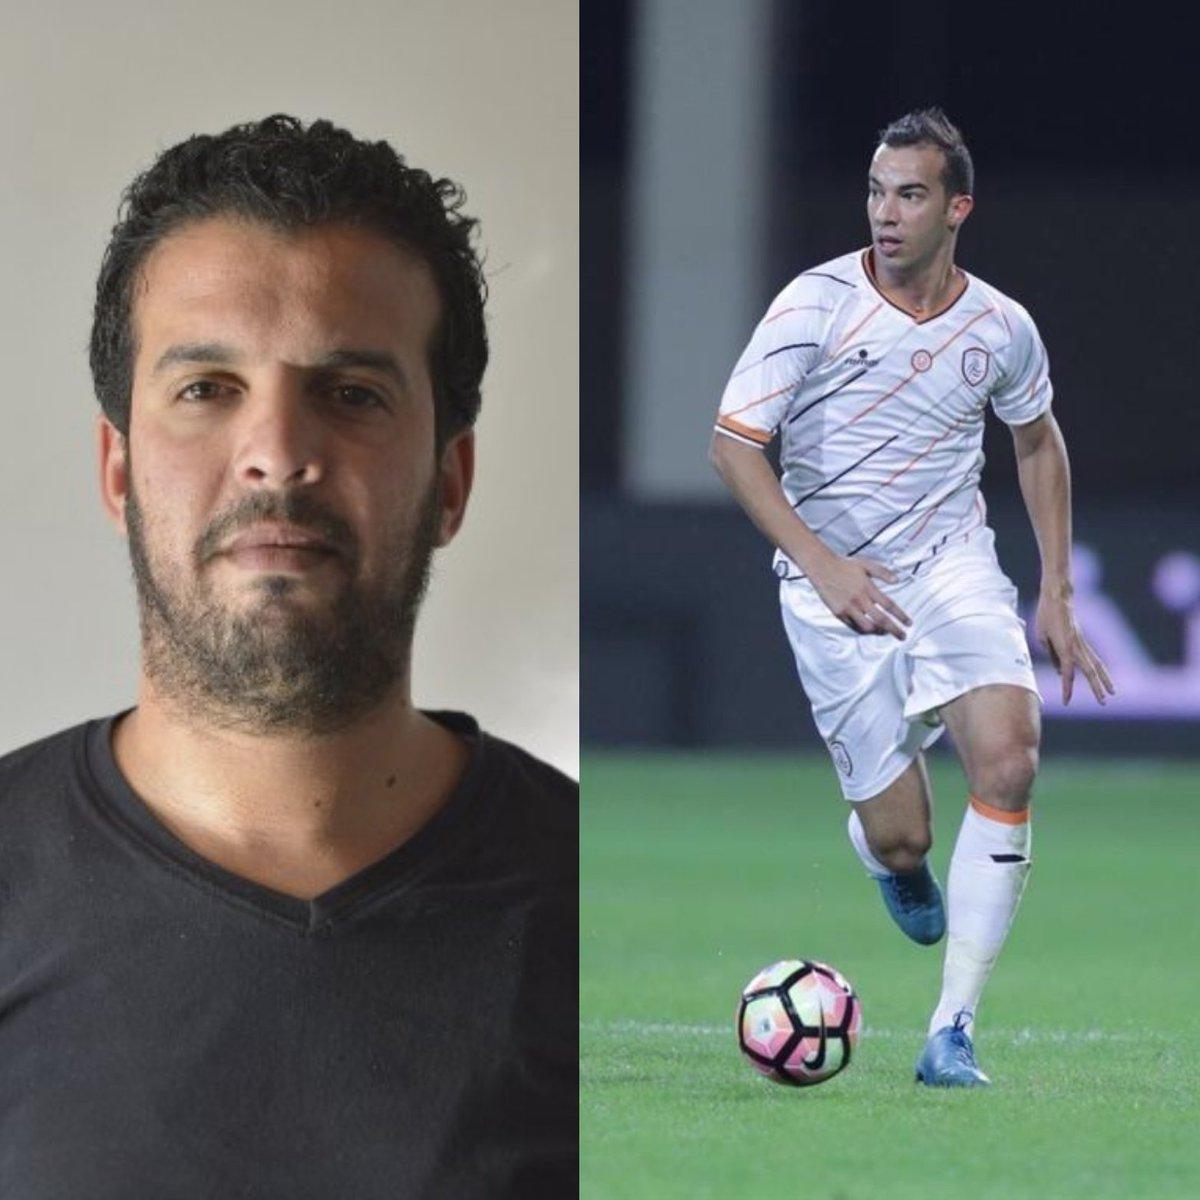 الصحفي الجزائري حمزه حاليس : الاتحاد يريد شراء عقد اللاعب جمال بلعمري